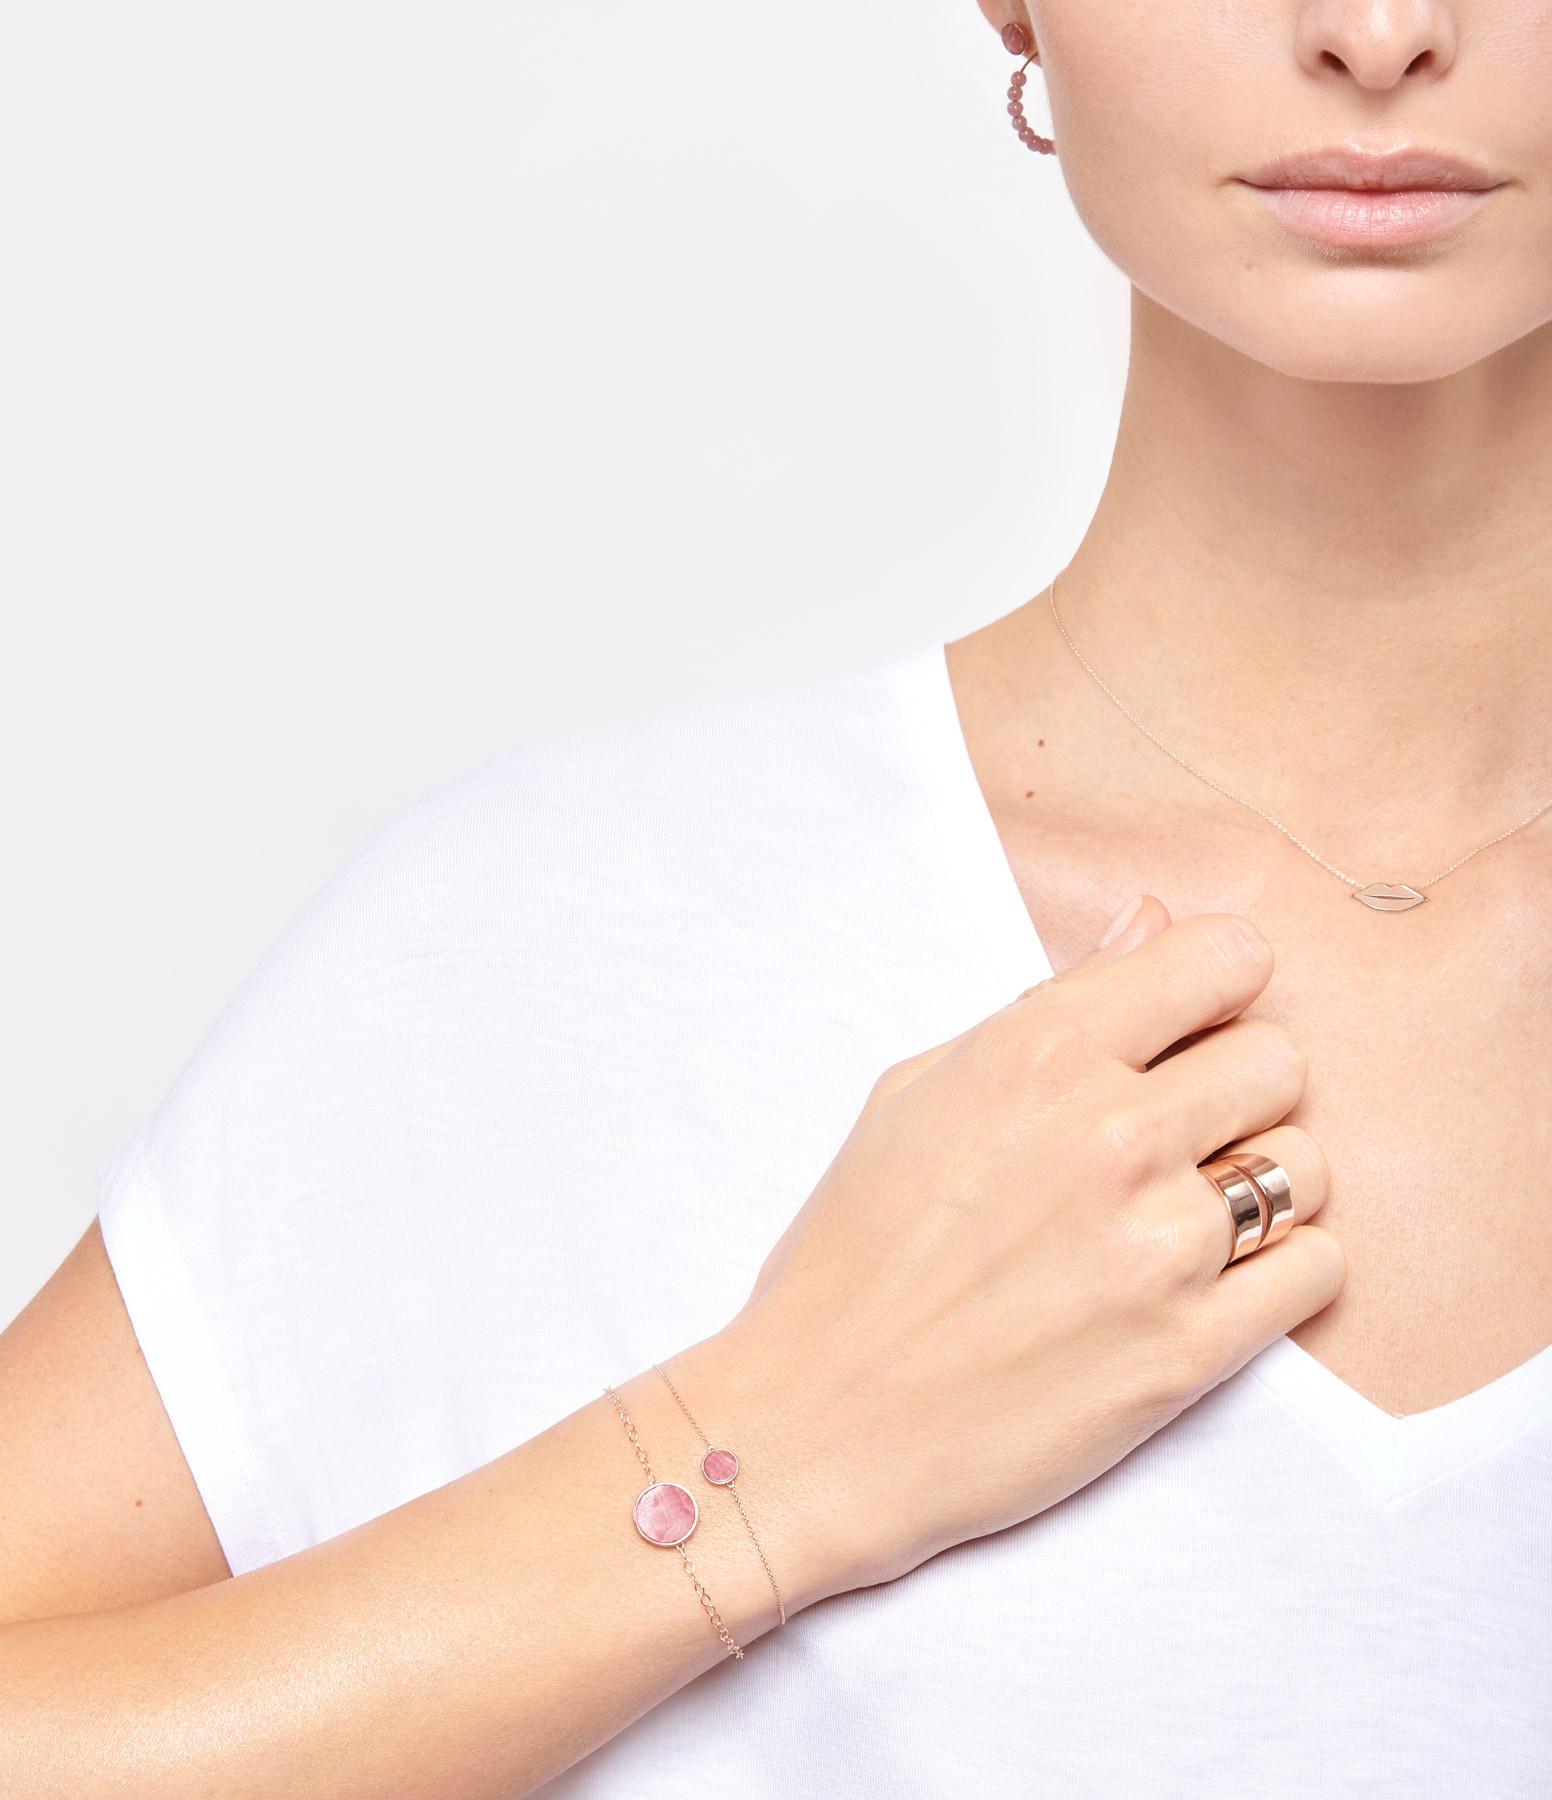 GINETTE NY - Bracelet Ever Mini Disc Or Rose Rhodocrosite